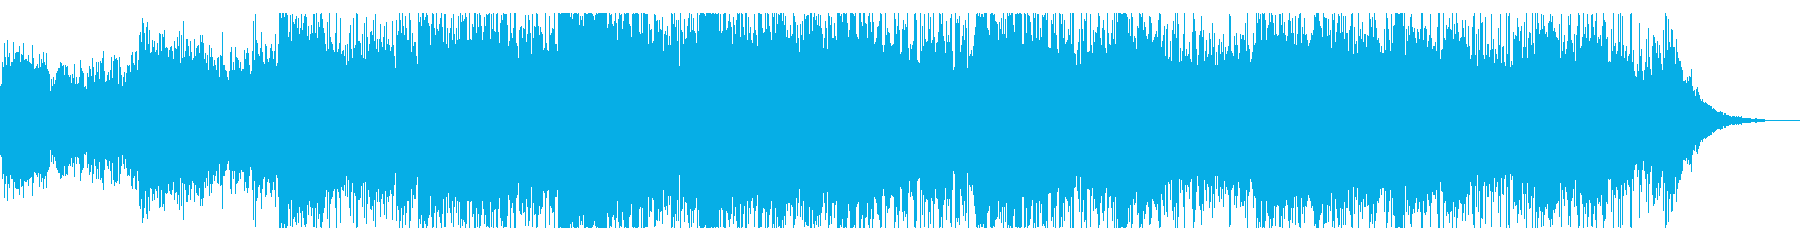 怪しいムードのサウンドスケープの再生済みの波形